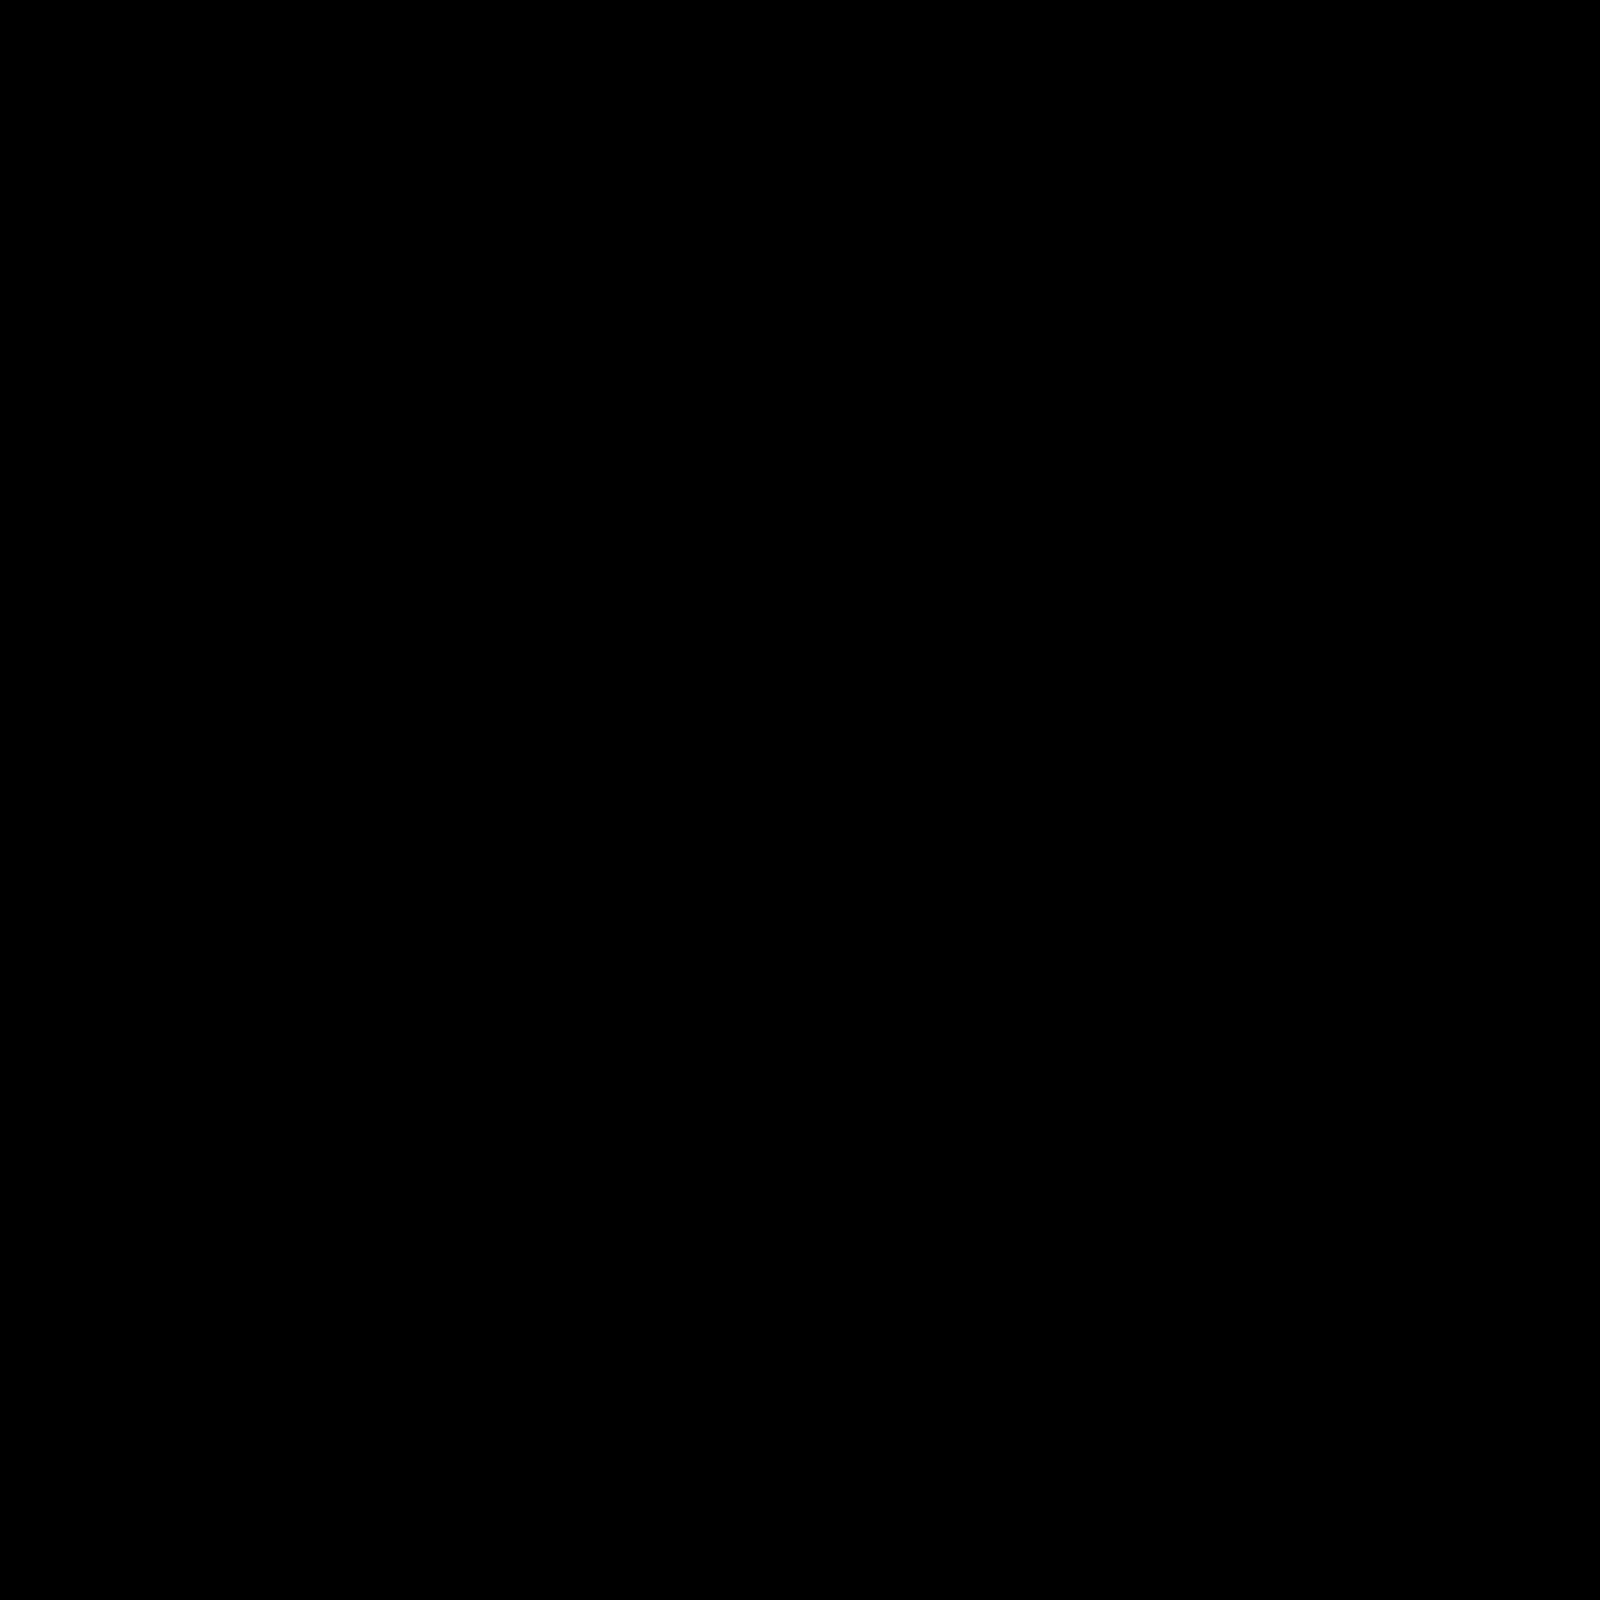 リスト2 icon. It's a logo of six square pictures arranged three on each side in two columns. To the right of each picture is a dash. The pictures are mountain, sun and flower on the left from top to bottom, and flower, cloud, mountain on the right from top to bottom.